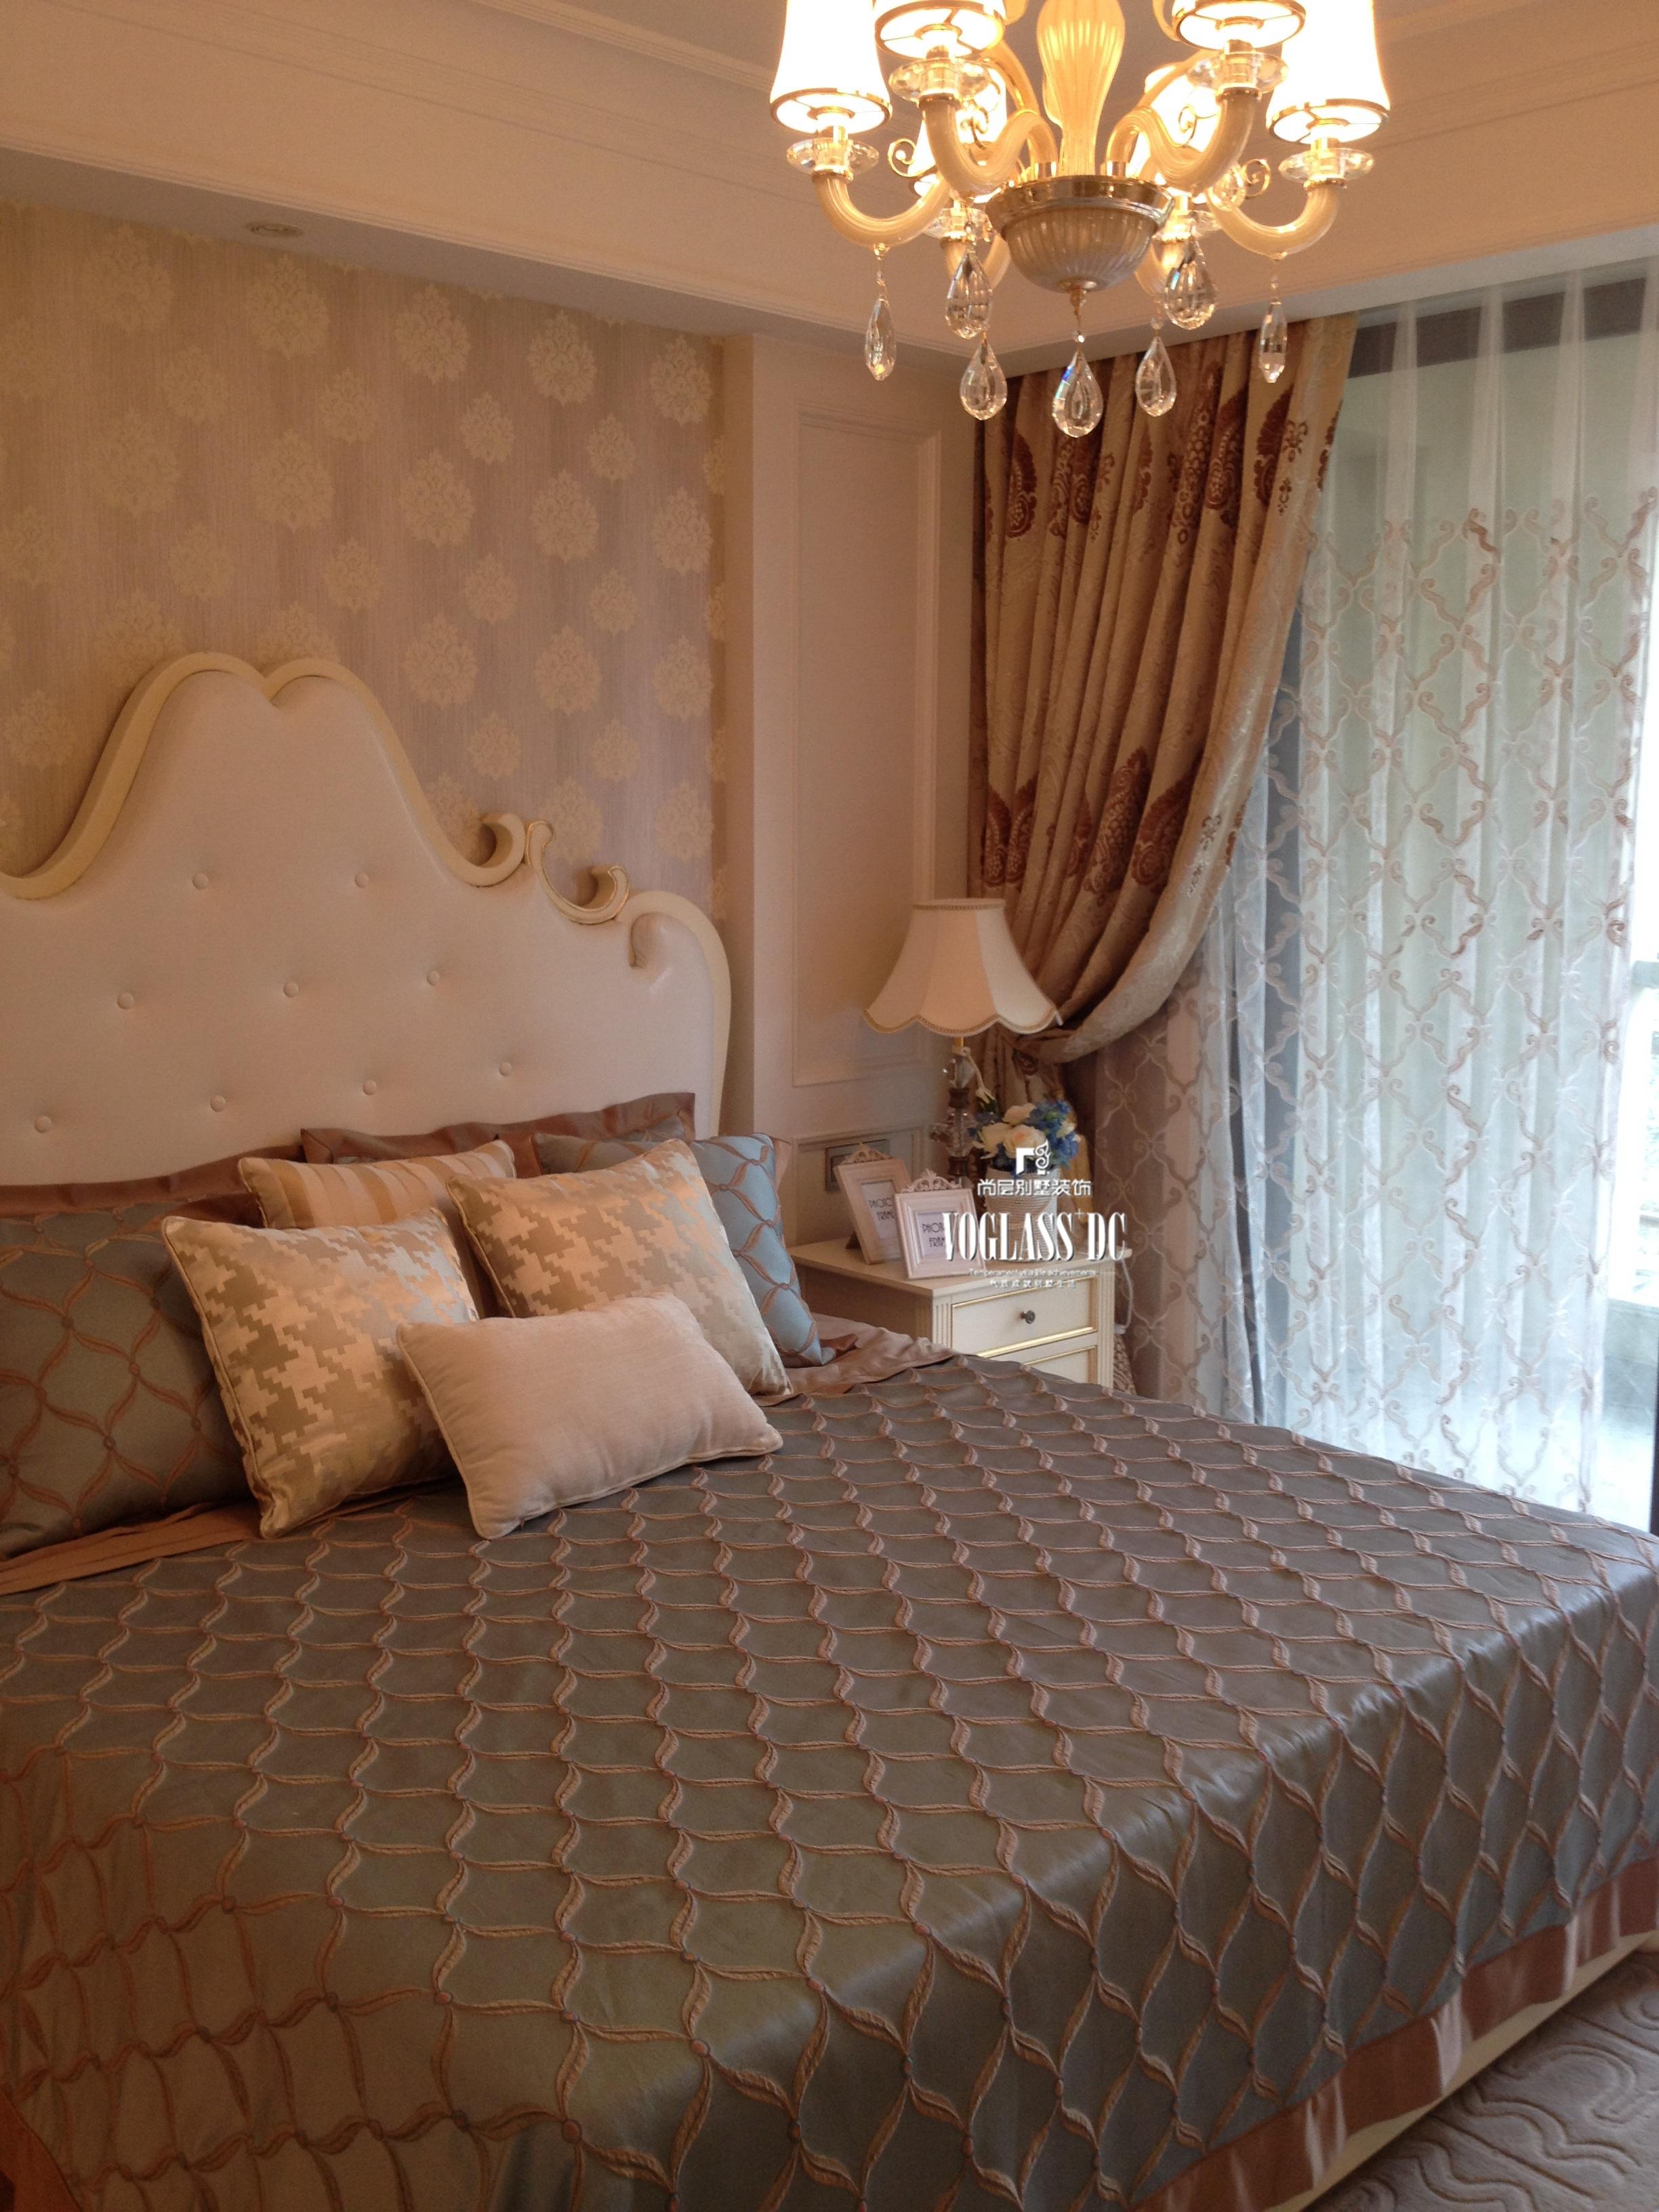 主卧简洁大气的床头造型延续了欧式新古典唯美的弧度与软包材质相结合图片